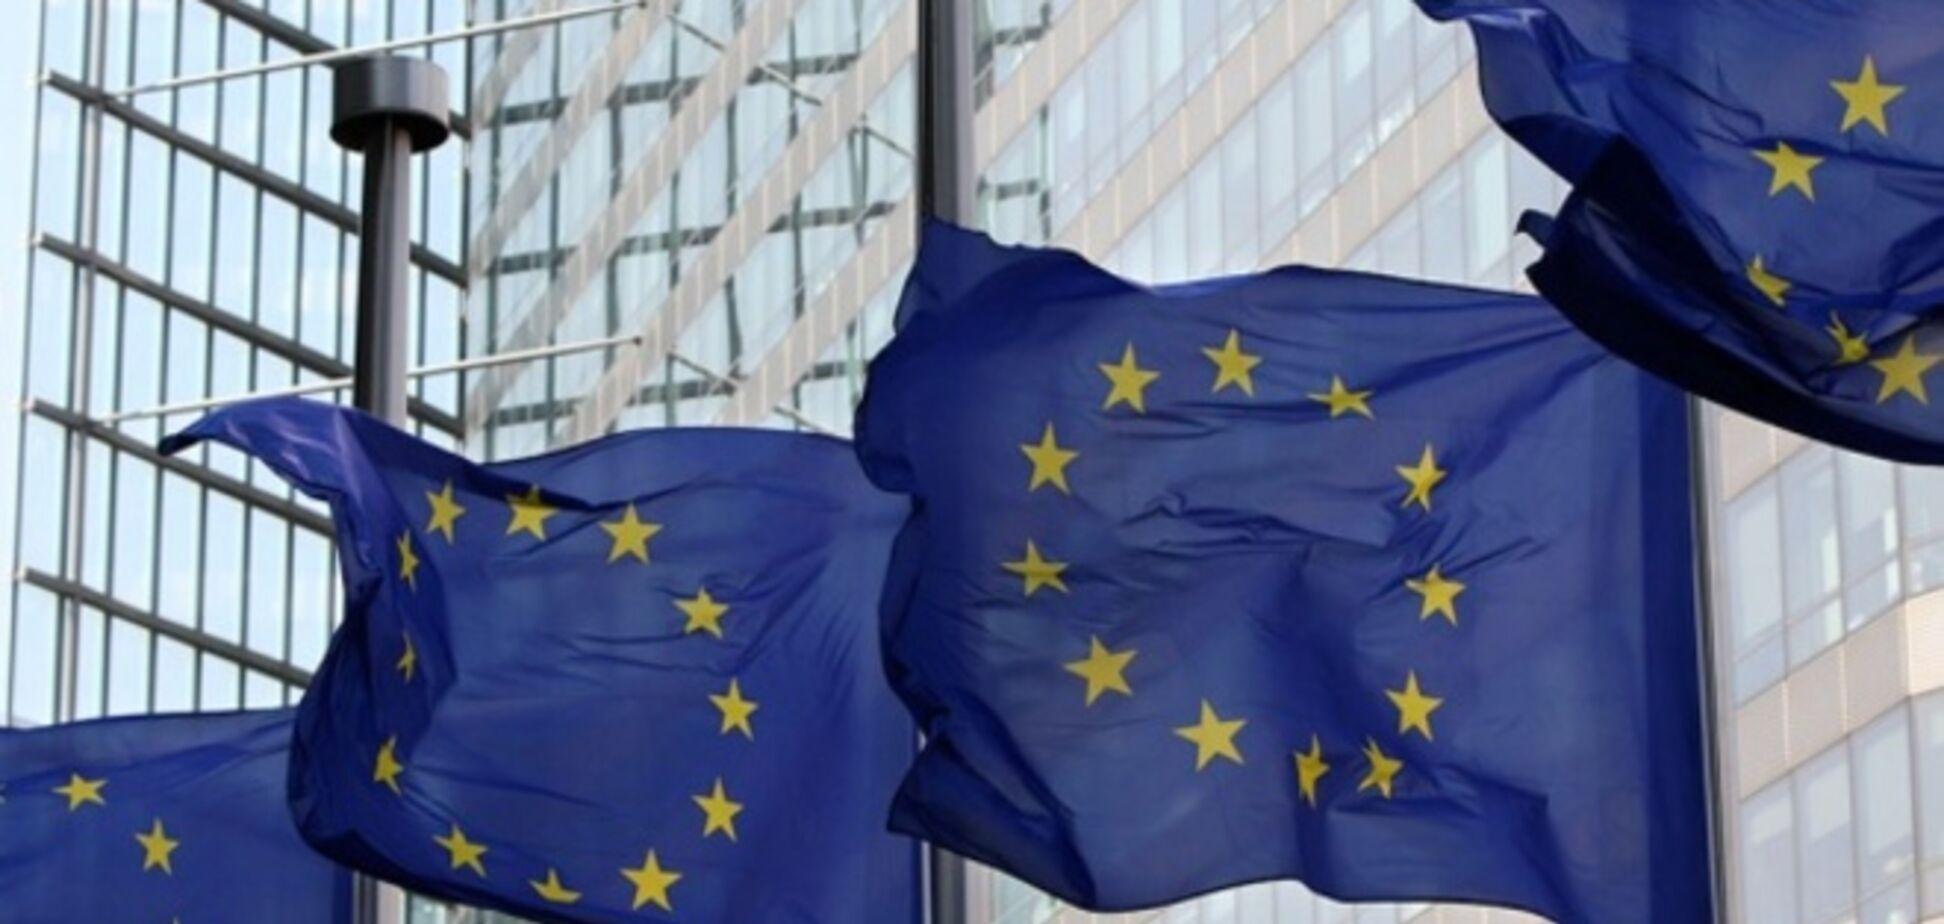 Україна може втратити своє лобі в ЄС